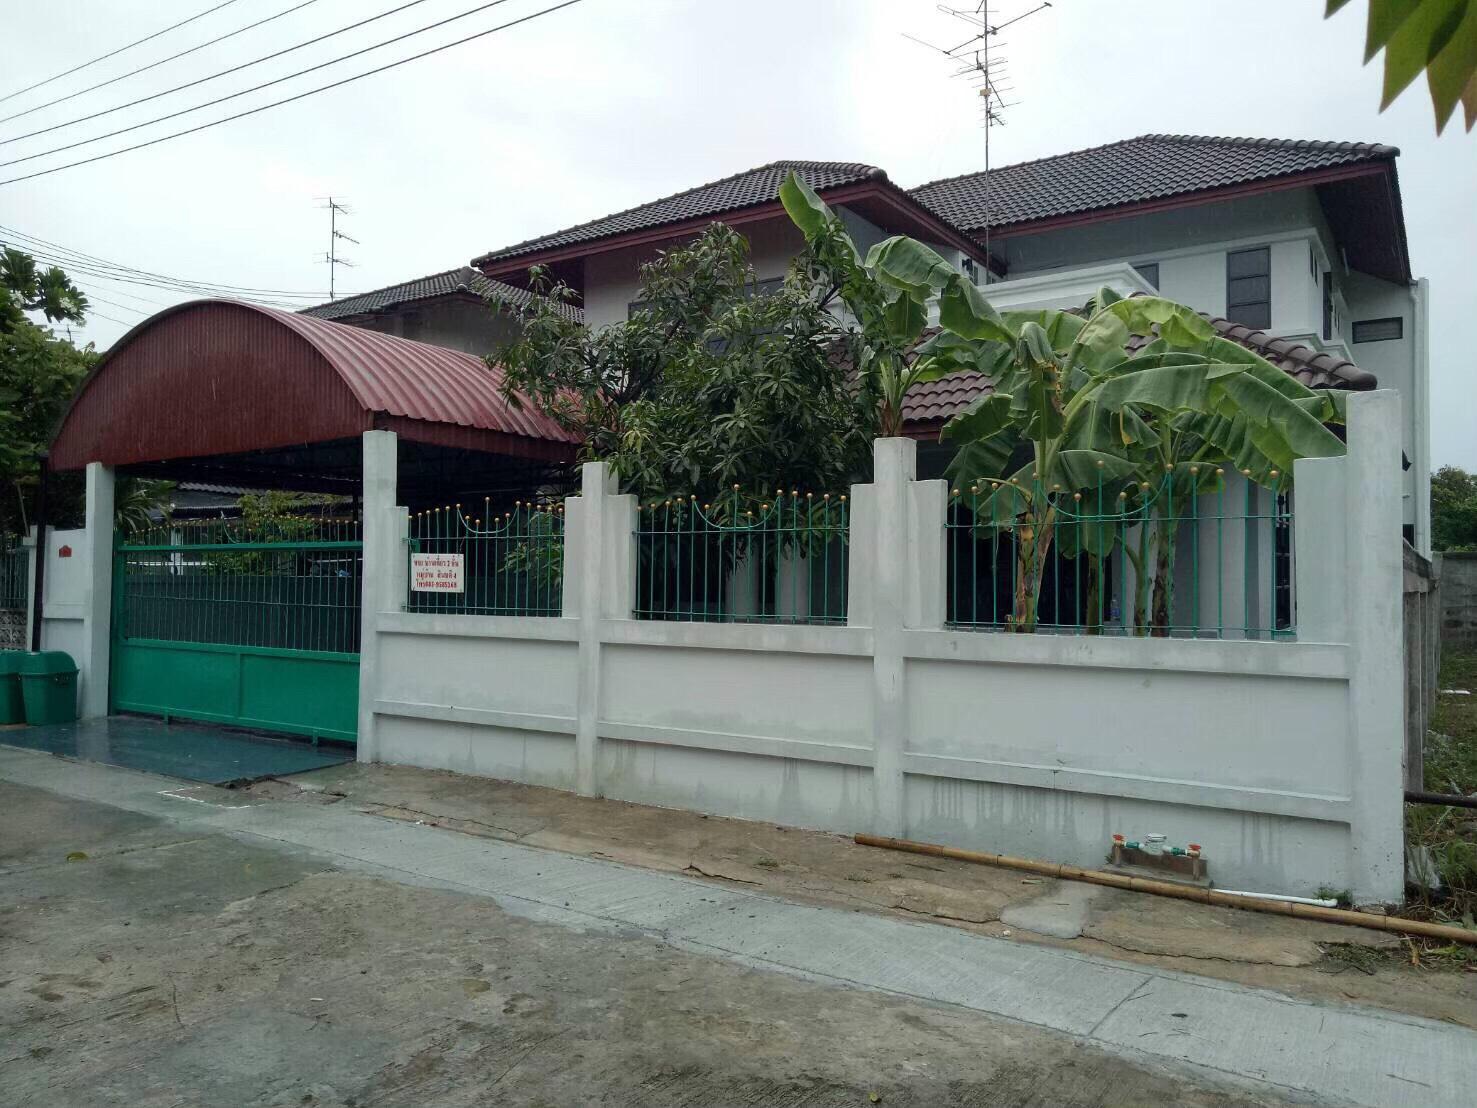 ขายบ้านเดี่ยว 2 ชั้น โครงการหมู่บ้านสินบดี4 ถนนประชาอุทิศ ซอย72 ทุ่งครุ กรุงเทพฯ